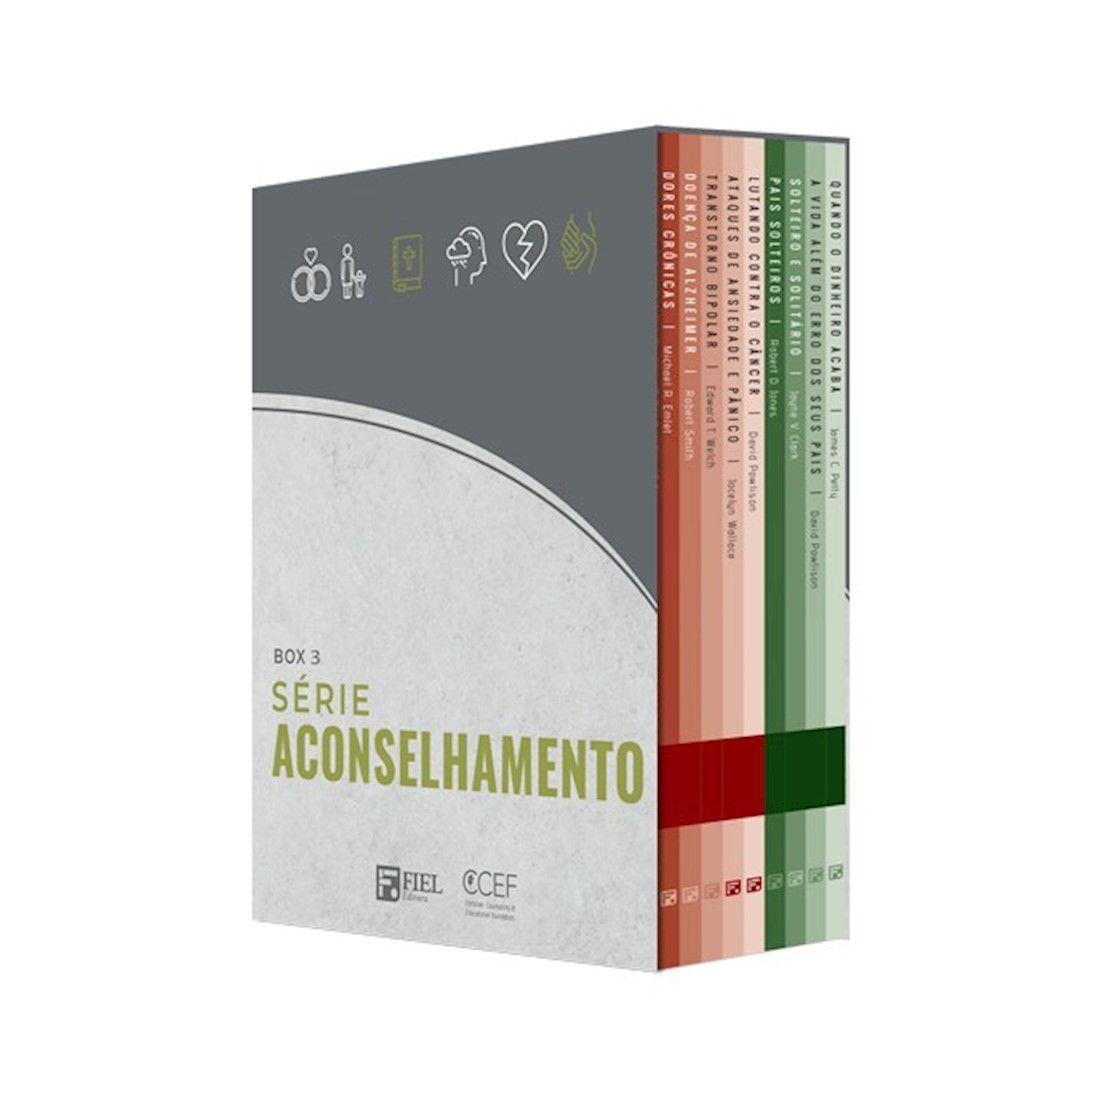 Livro Box 3: Série Aconselhamento (Nº 19 AO Nº 27)